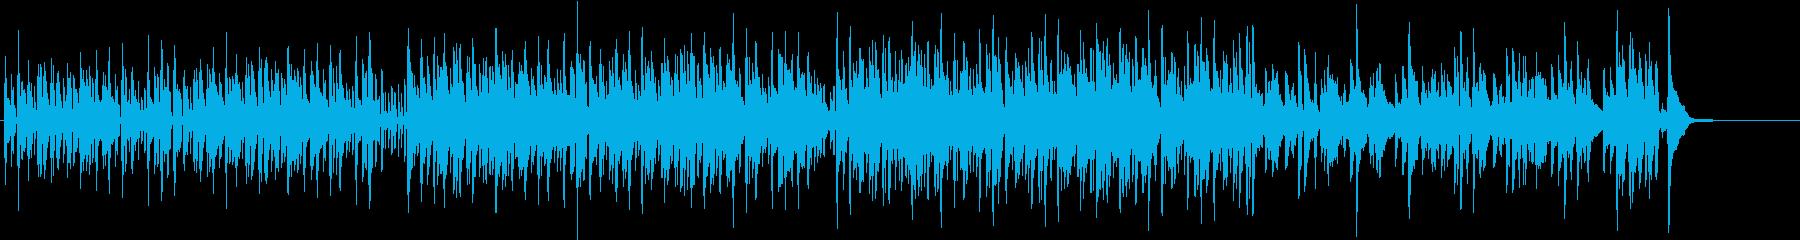 美しく儚い印象のピアノジャズヒップホップの再生済みの波形